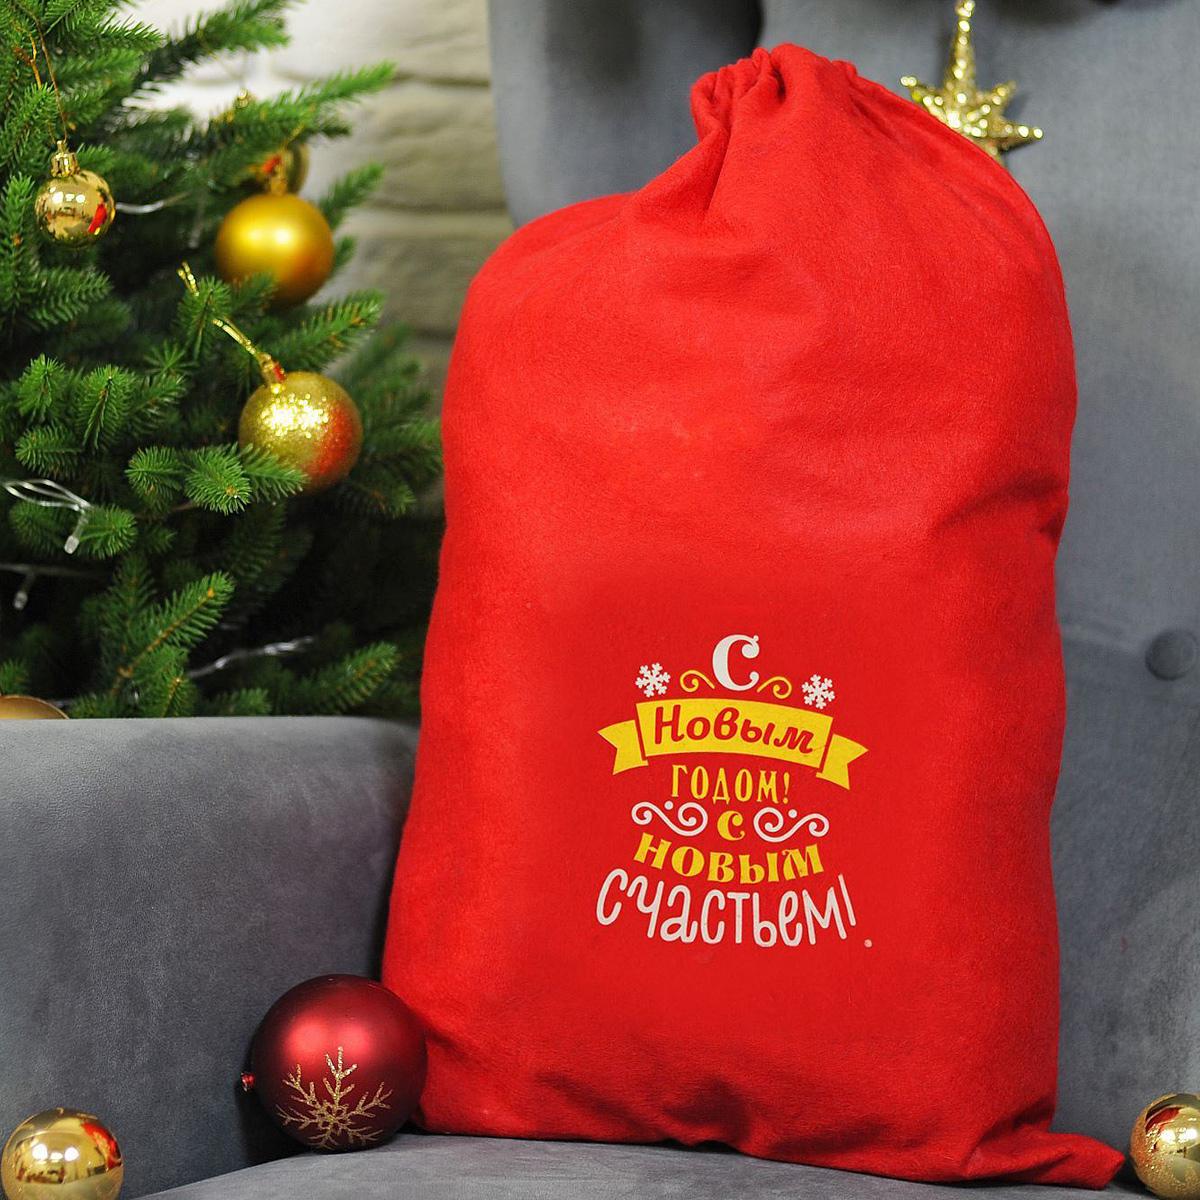 Упаковка подарочная Страна Карнавалия Мешок Деда Мороза. С Новым годом! С Новым счастьем!, цвет: красный, 40 х 60 см1365011Подарочная упаковка Страна Карнавалия Мешок Деда Мороза. С Новым годом! С Новым счастьем! превратит любое торжество в настоящий яркий и веселый карнавал полный сюрпризов и смеха. Яркий красный аксессуар с надписью дополнит любой праздничный наряд, и все близкие будут рады получить из рук краснощекого персонажа заслуженный подарок!Размер: 40 х 60 см.